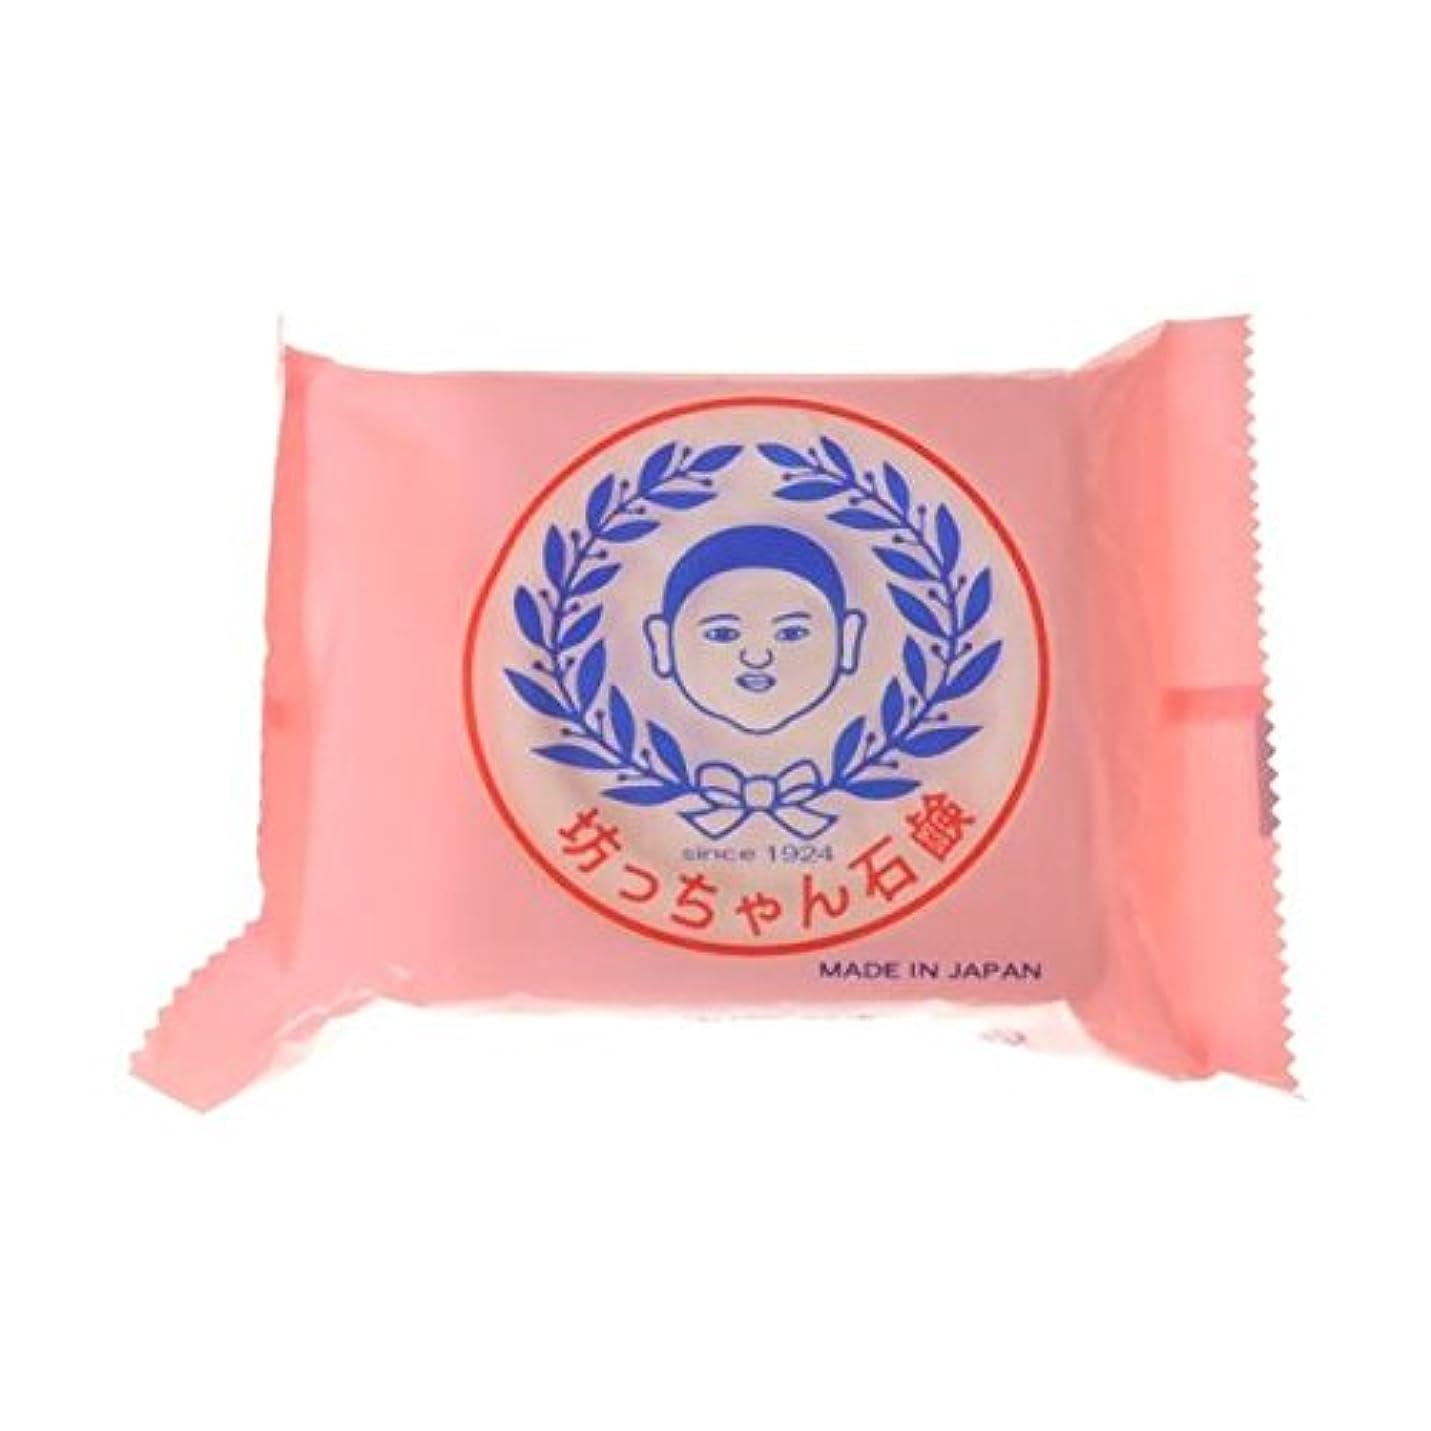 ブランチ関与する軽く【まとめ買い】坊っちゃん石鹸 釜出し一番 175g ×3個